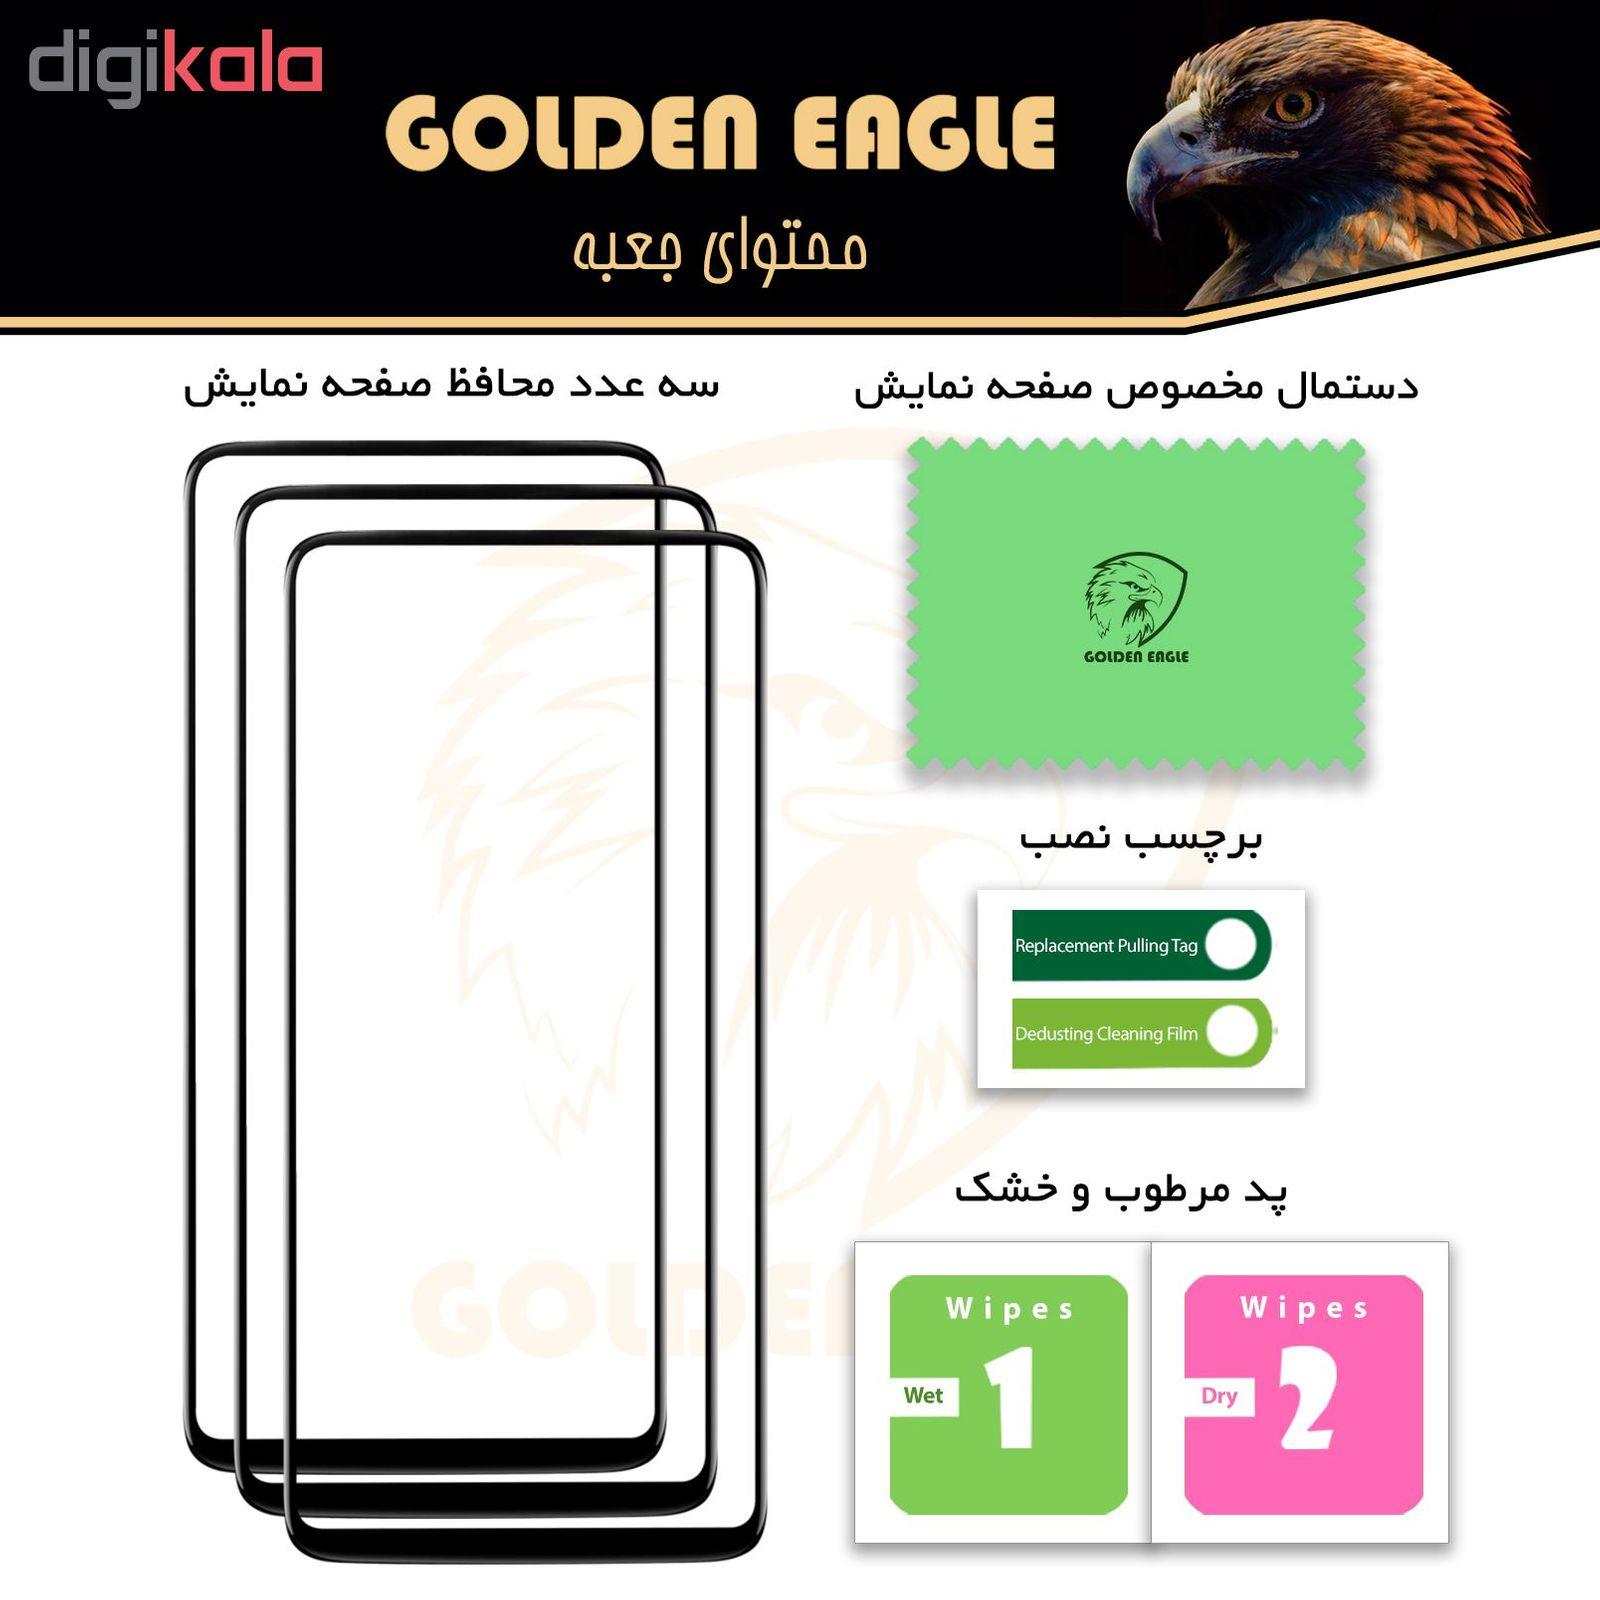 محافظ صفحه نمایش گلدن ایگل مدل HFC-X3 مناسب برای گوشی موبایل سامسونگ Galaxy S7 EDGE بسته سه عددی main 1 3